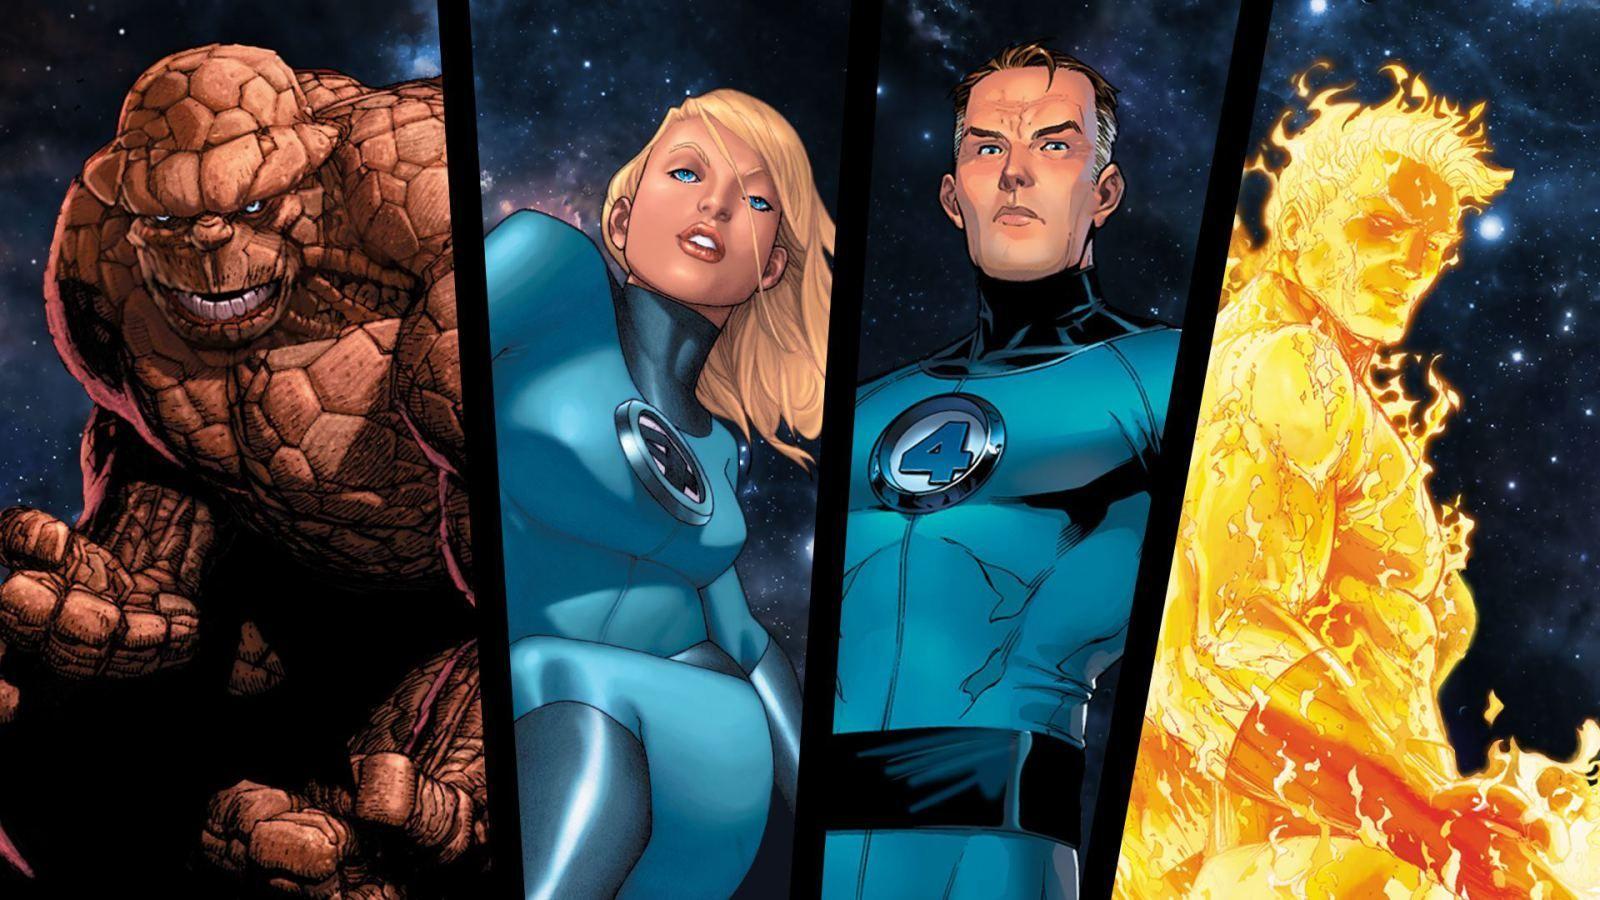 Fantastic Four Wallpaper Hd